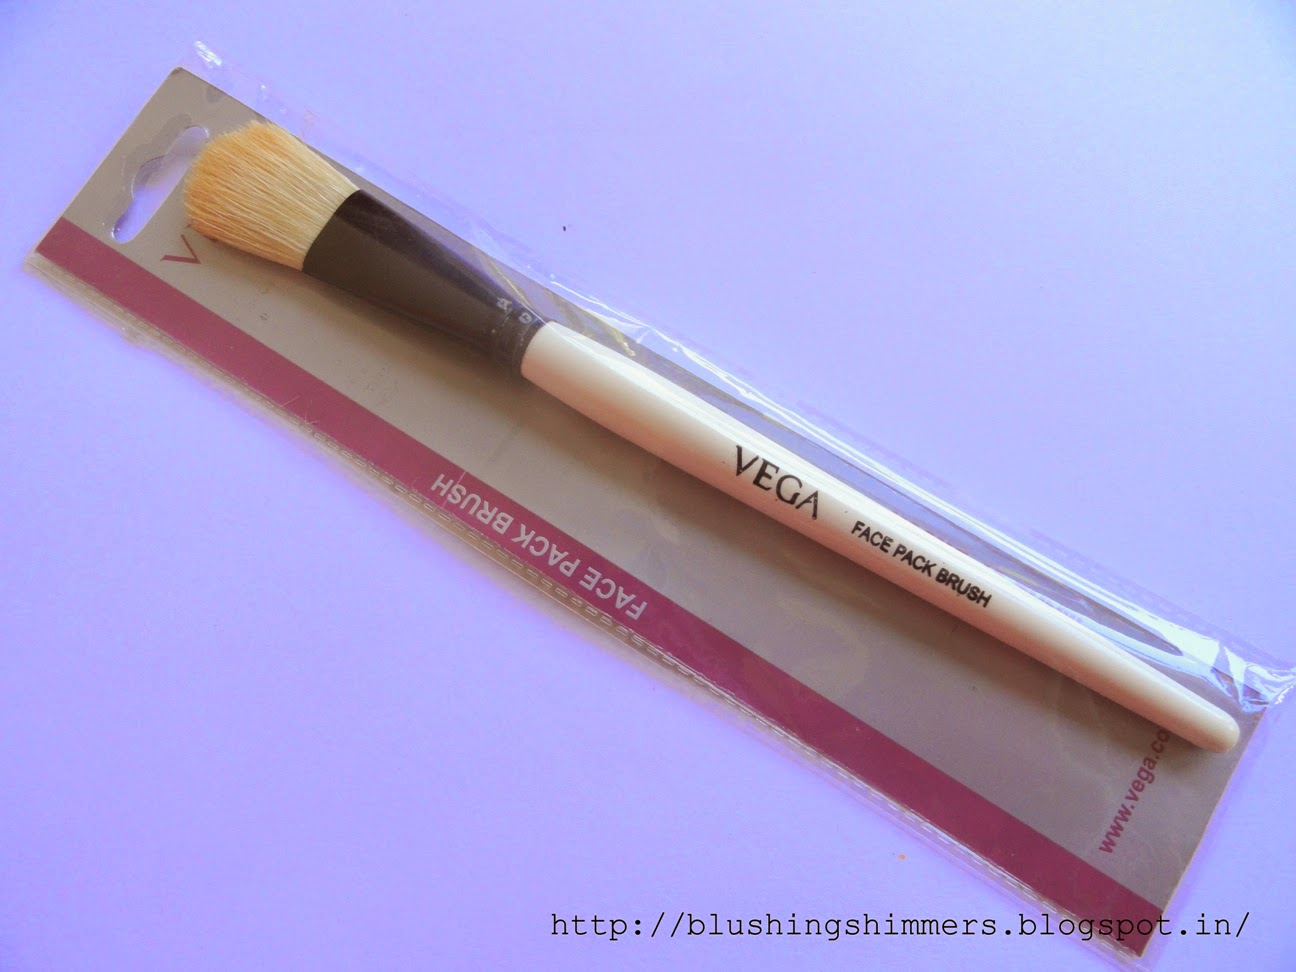 Vega face pack brush